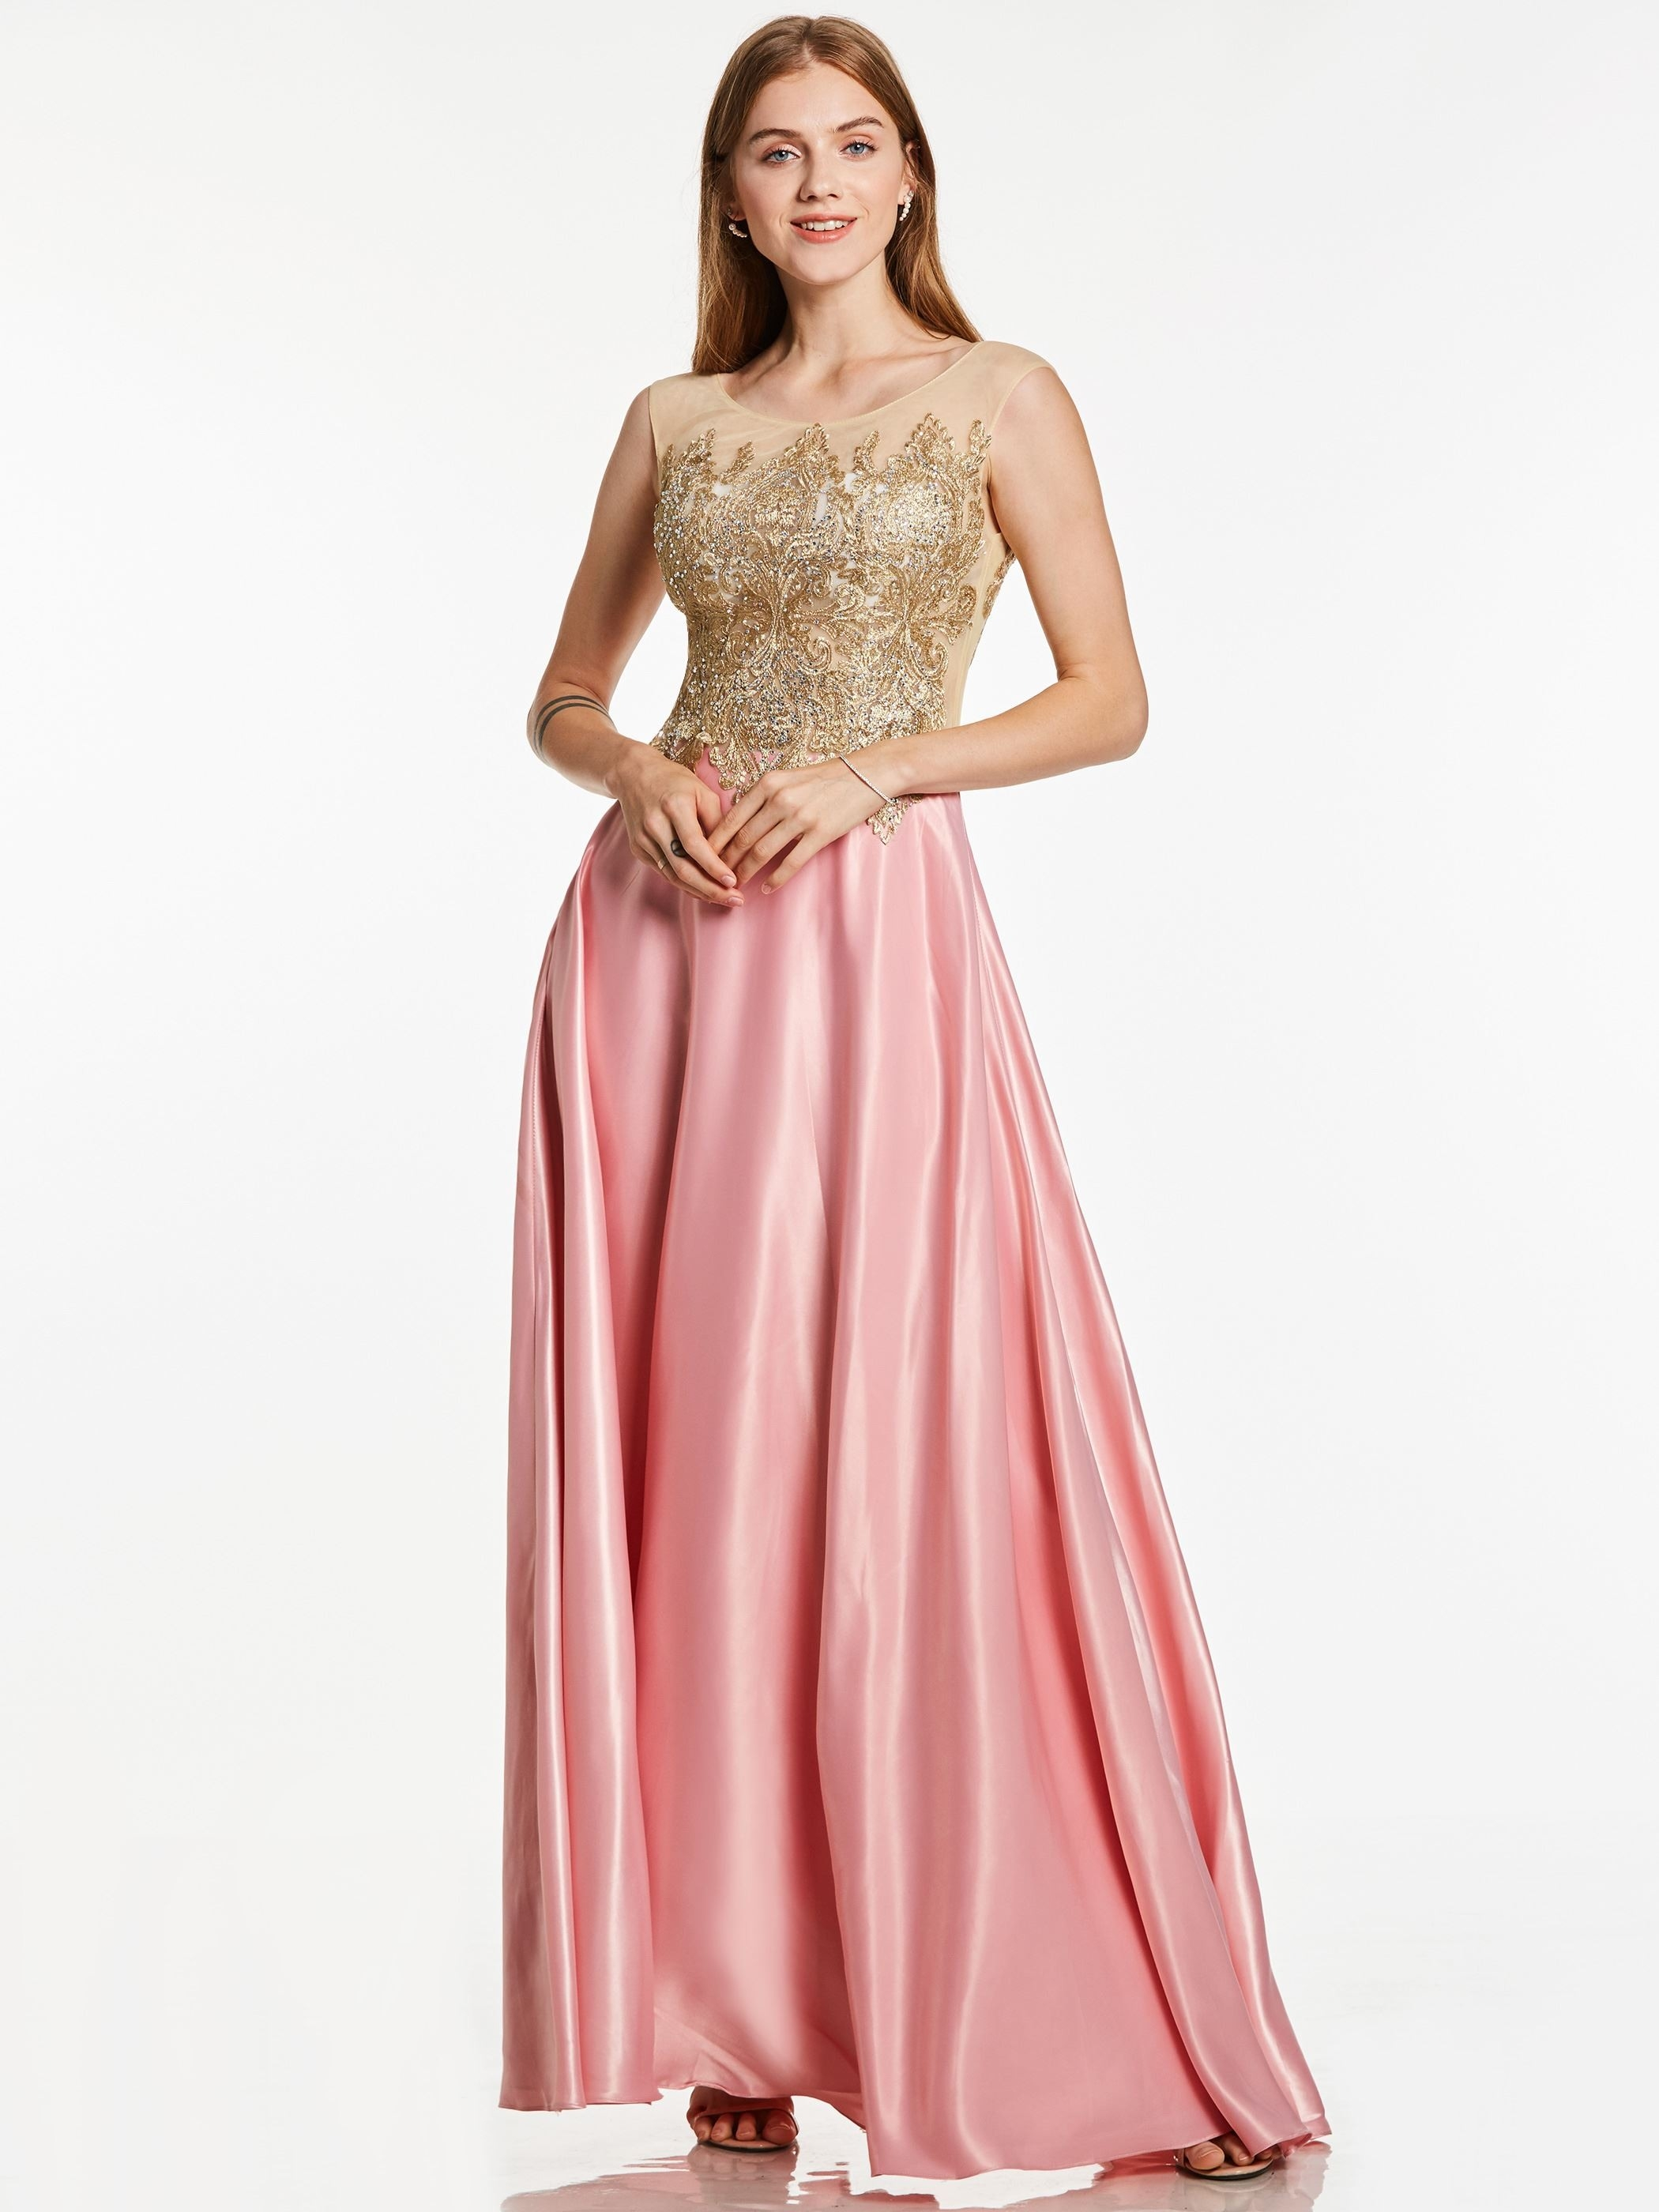 13 Spektakulär Abendkleid Sommer Ärmel10 Erstaunlich Abendkleid Sommer Stylish